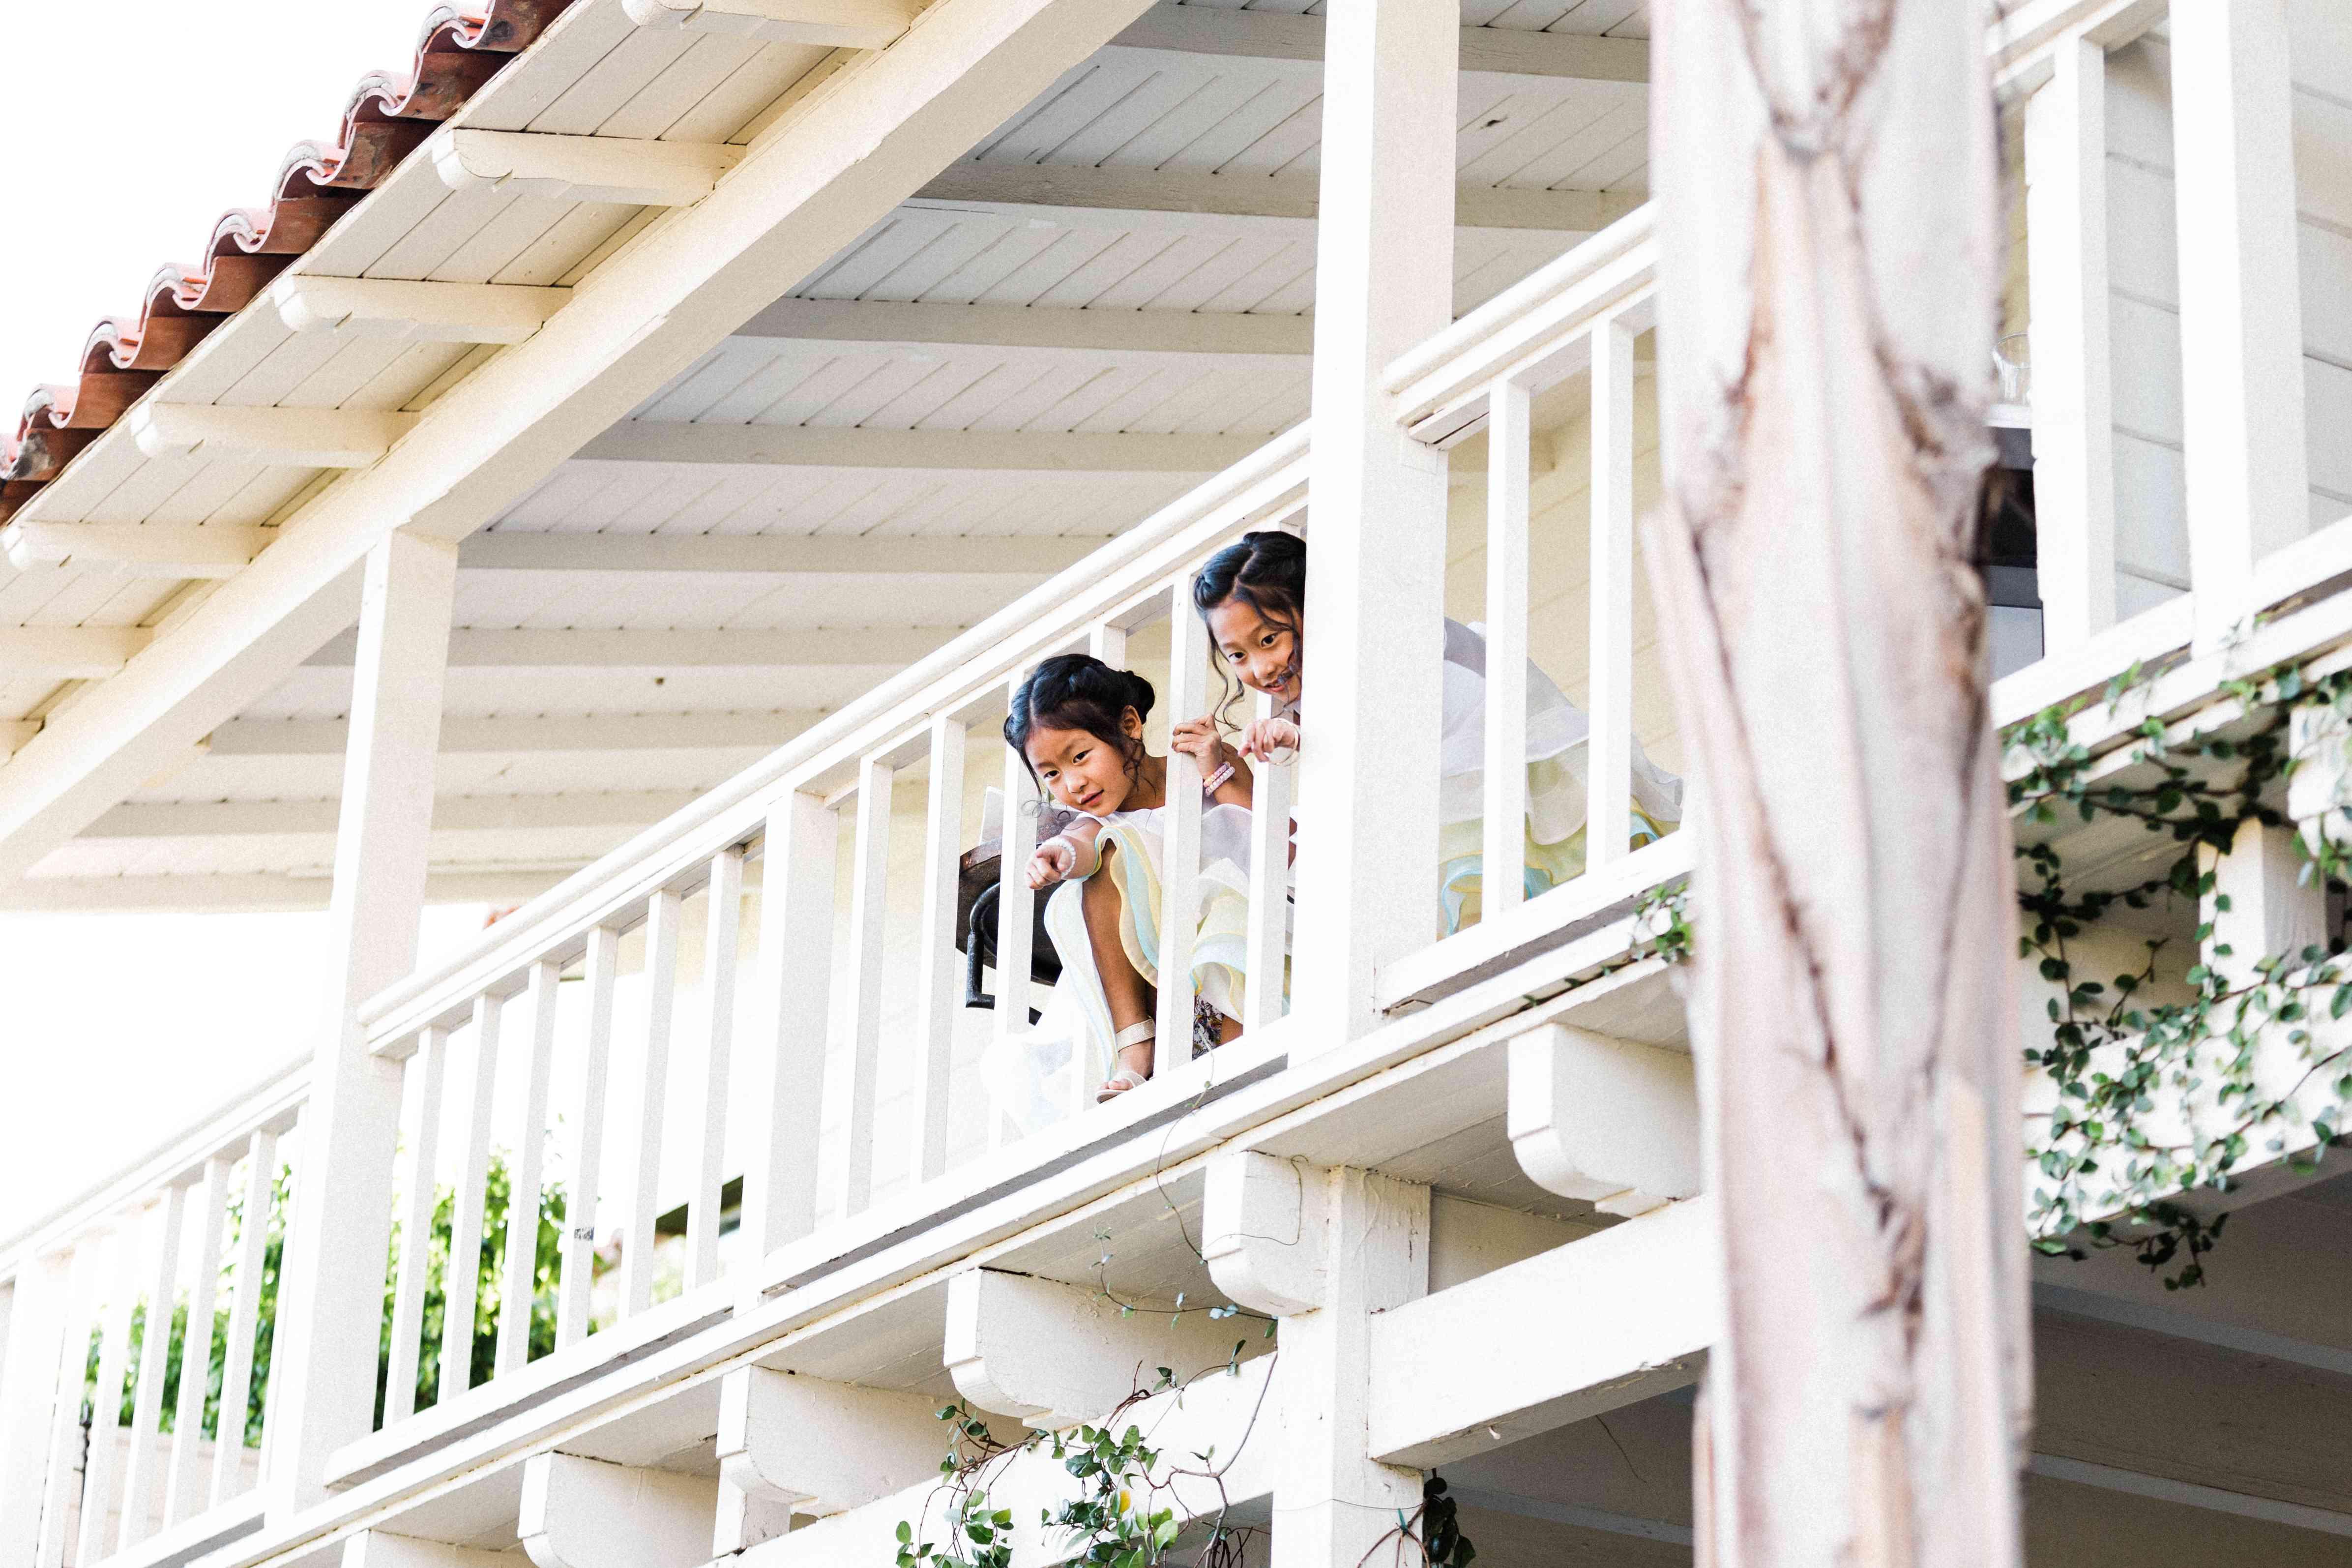 Flower girls peeking from balcony